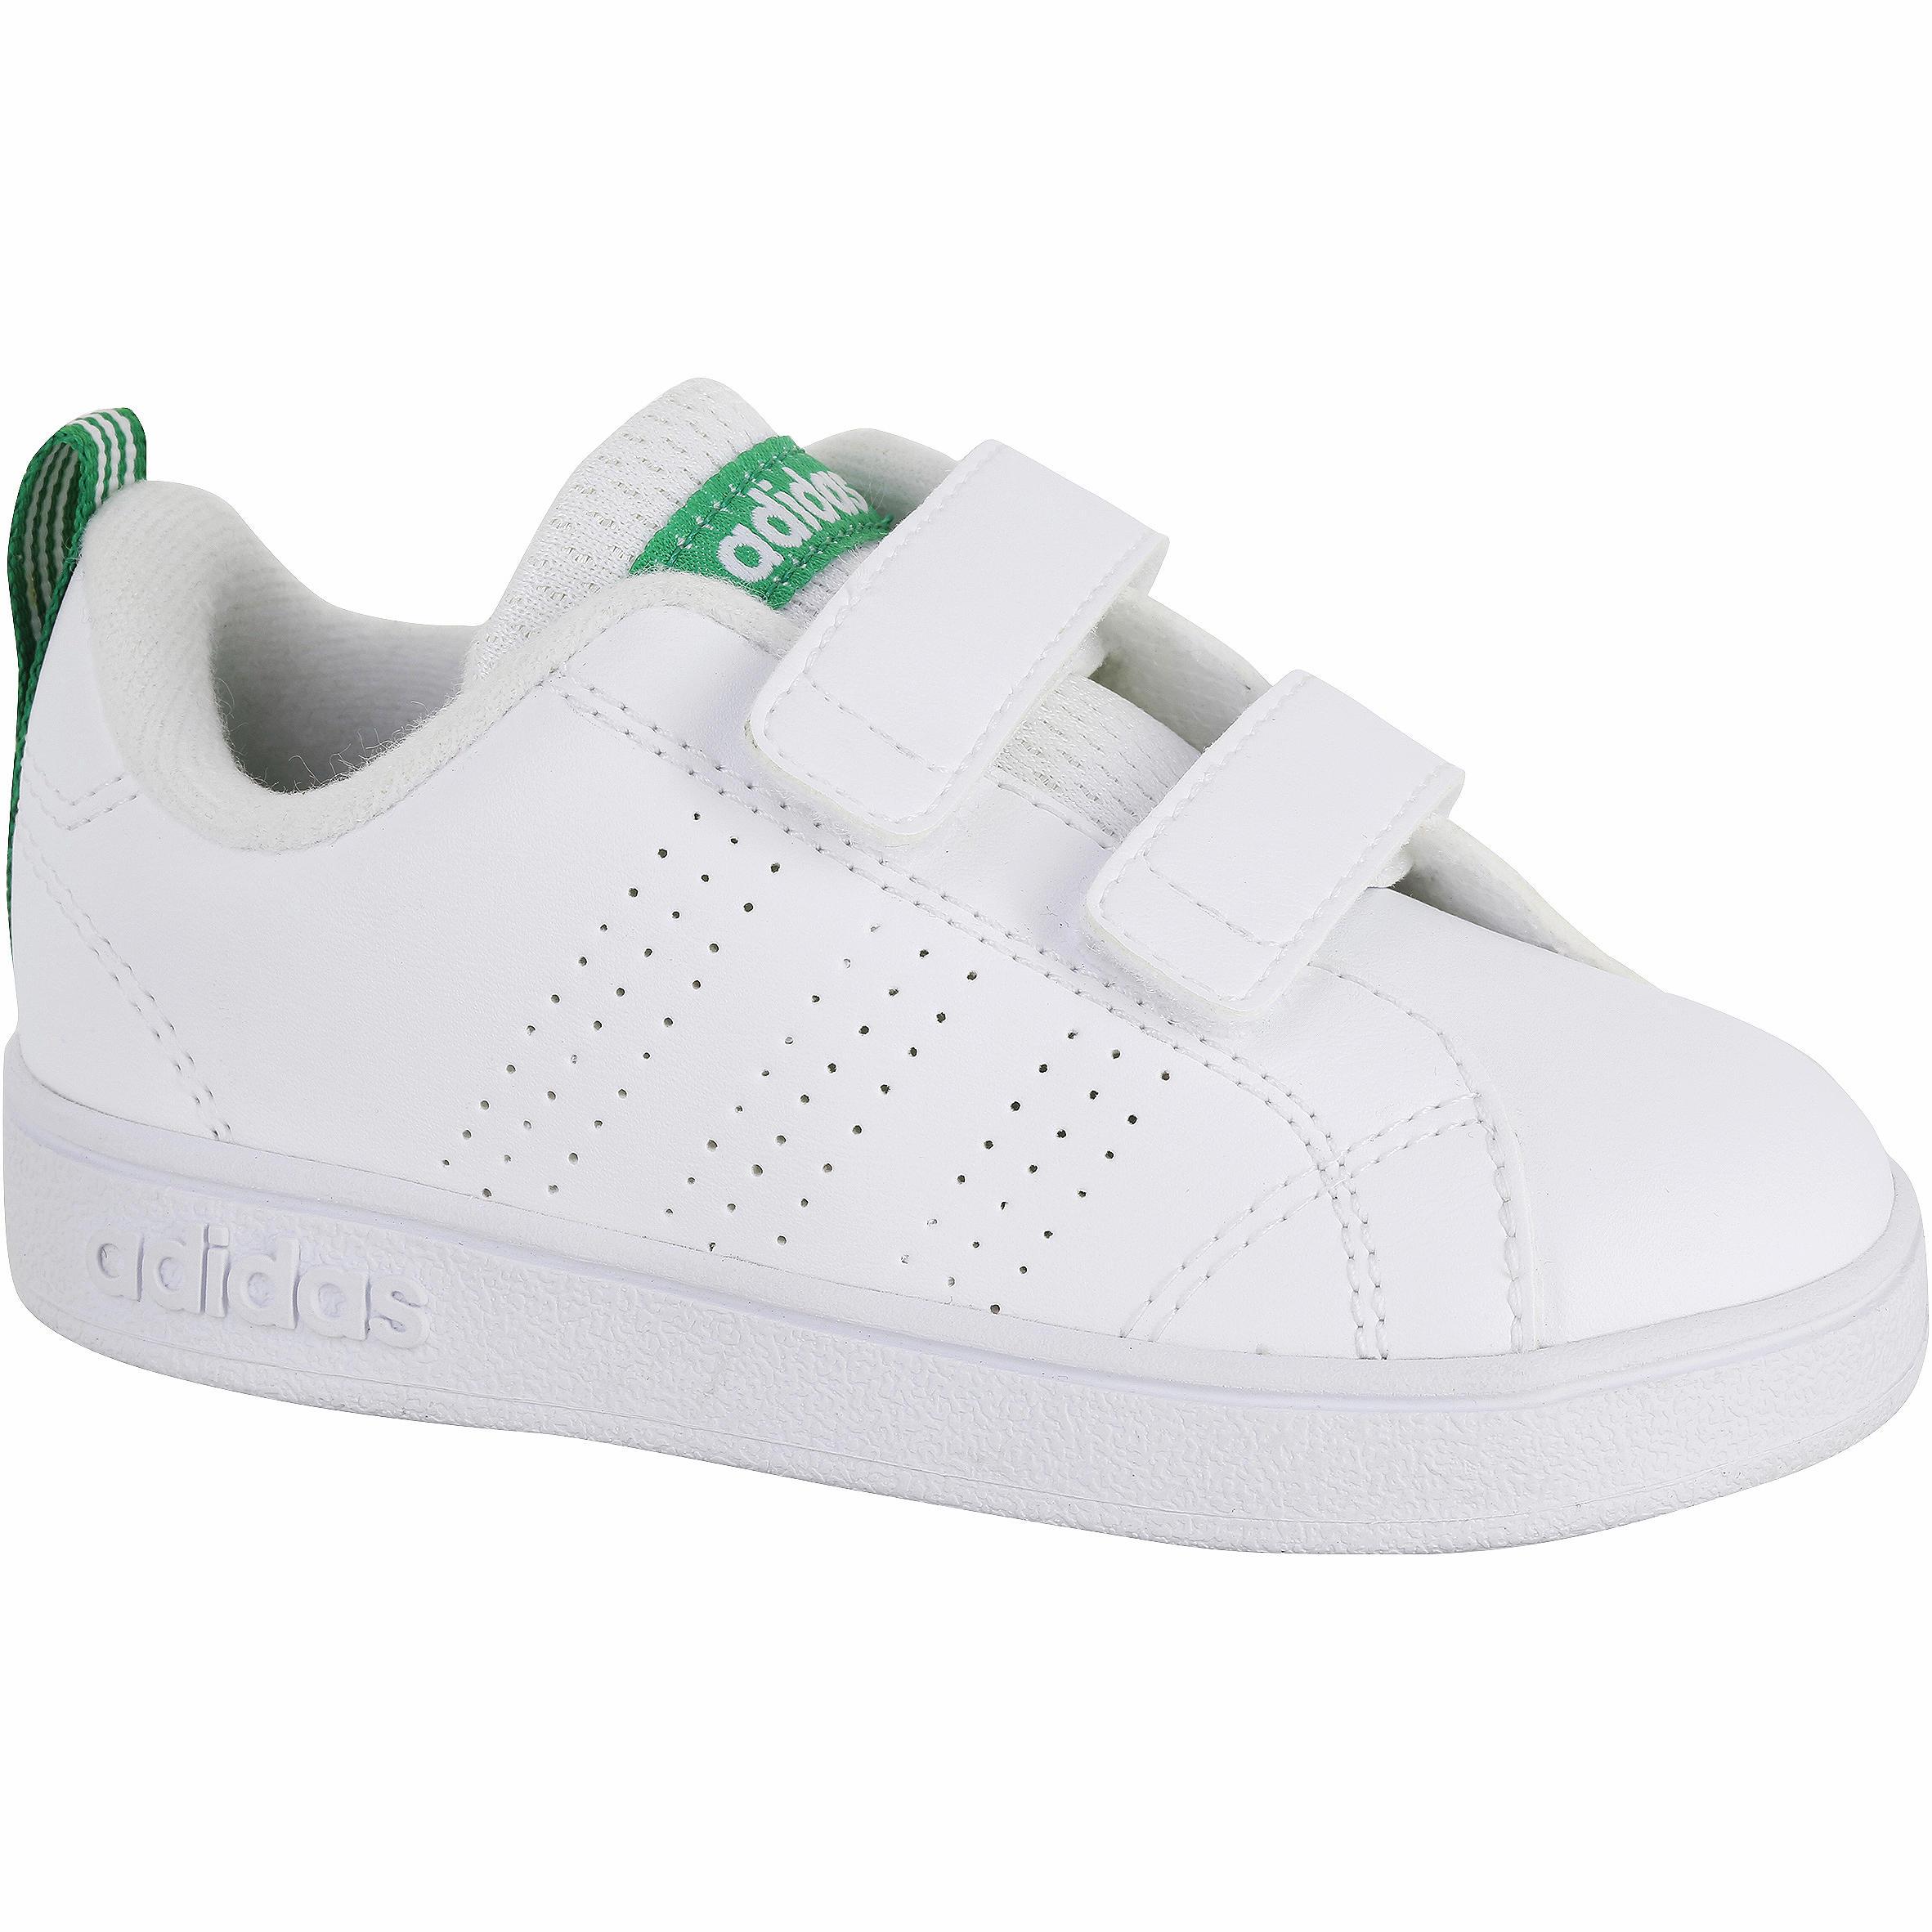 Adidas Babyschoentjes voor meisjes en jongens wit/groen